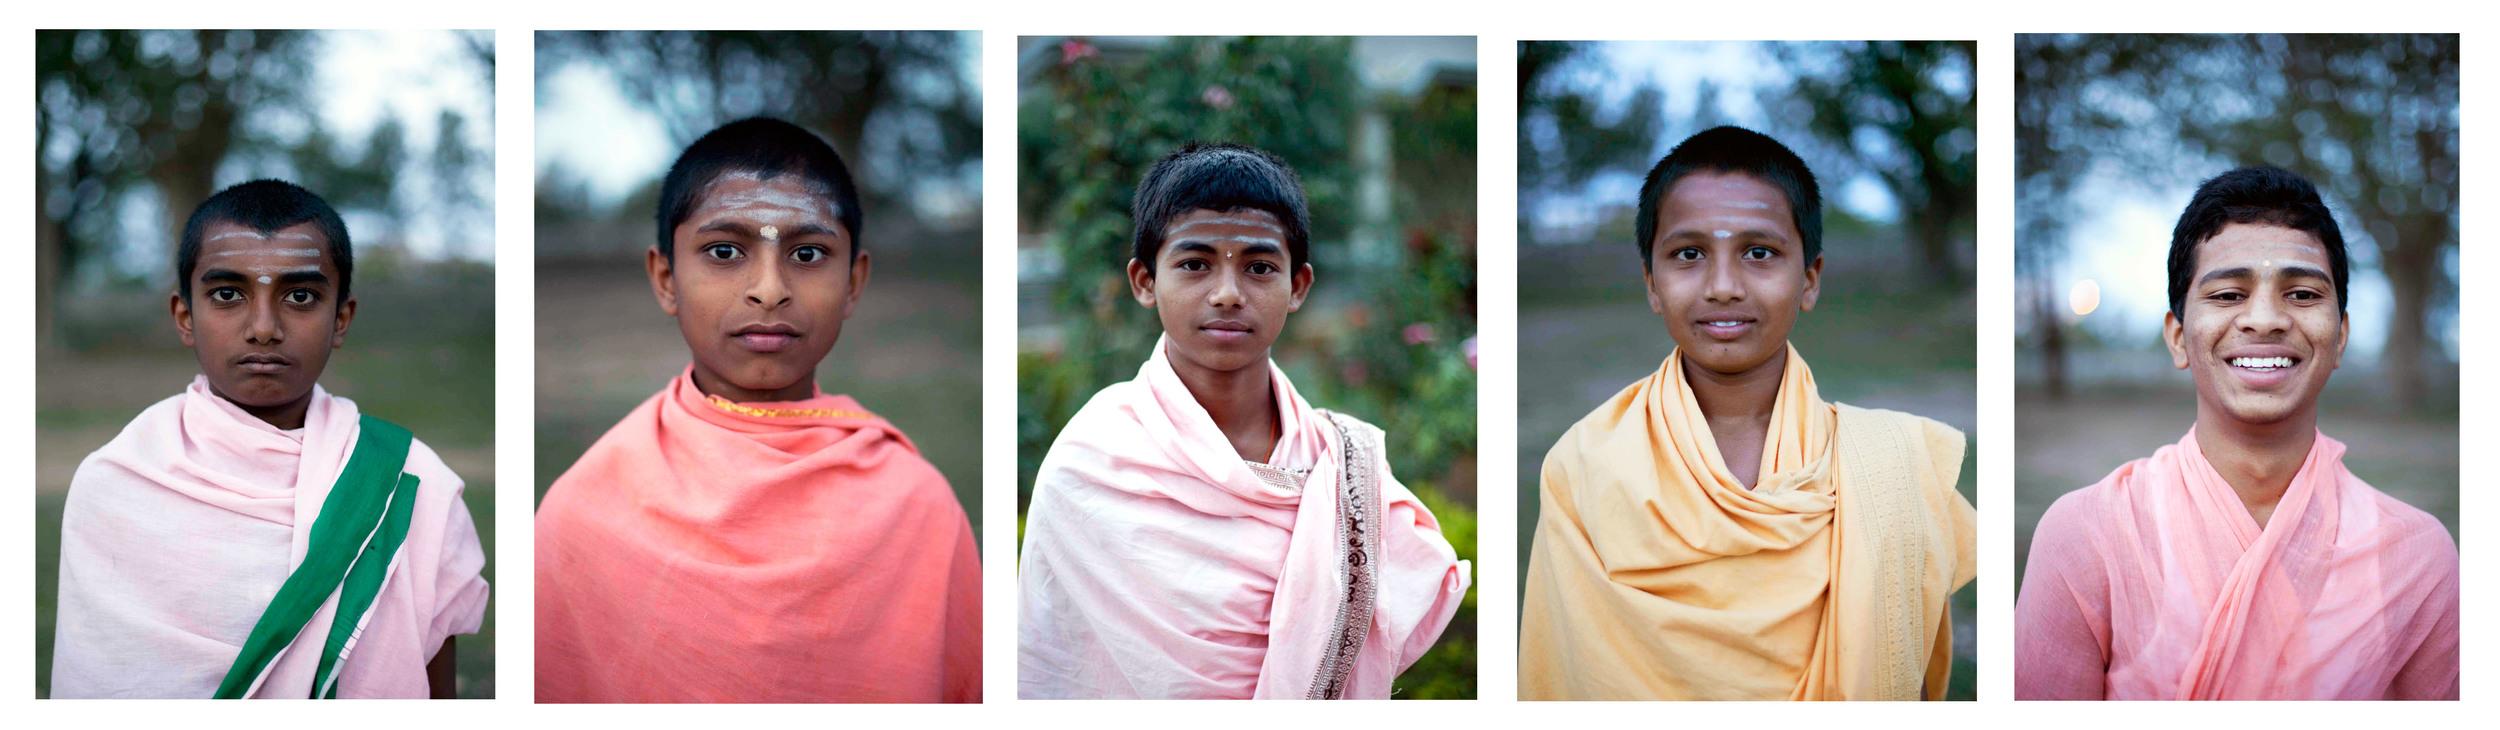 Becca_Ewing_Junior Swamis_India_2013.jpg